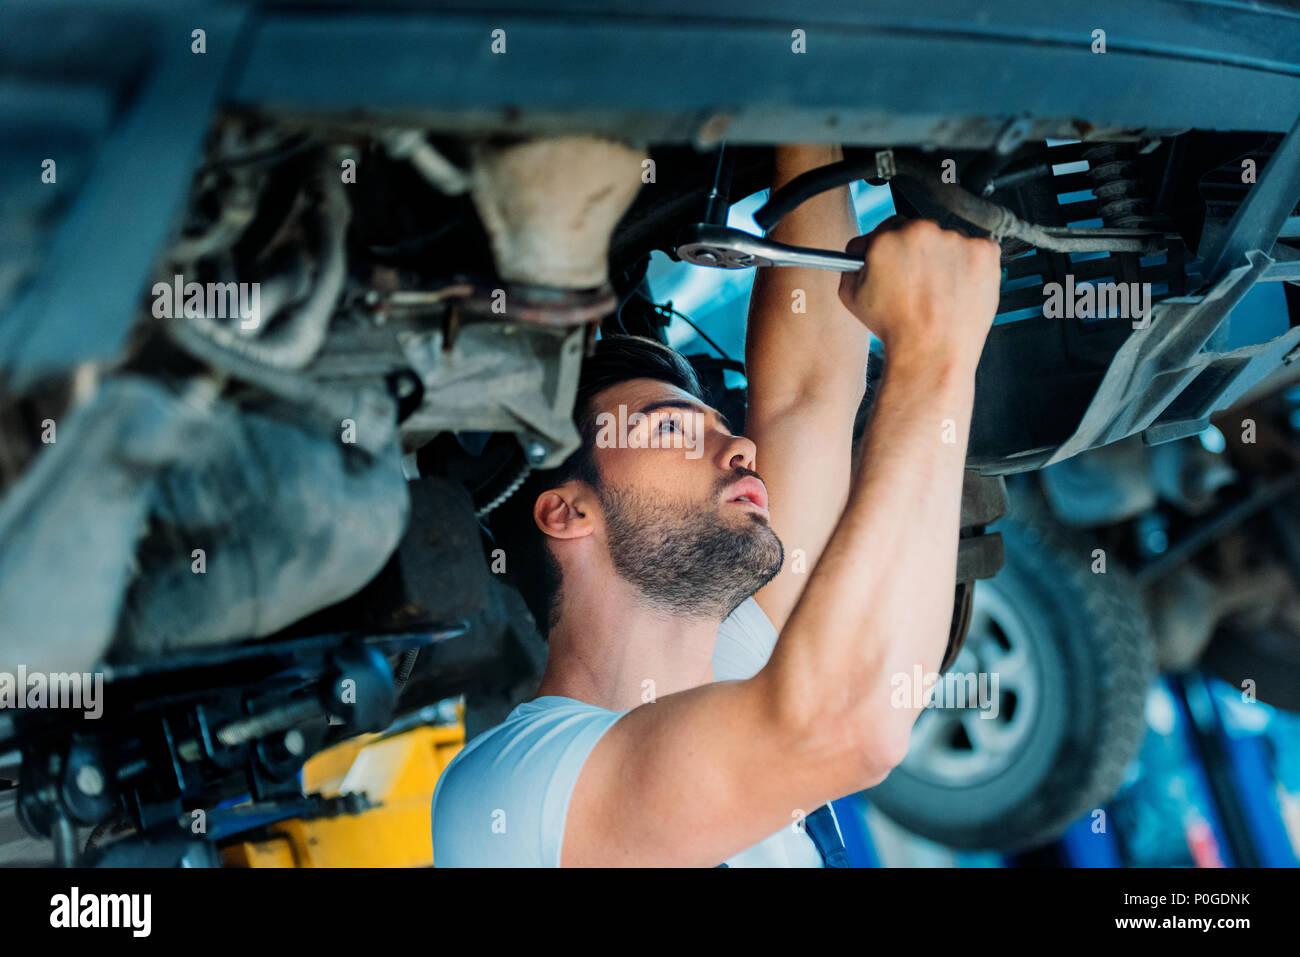 Automechanic lavorando su un sollevato auto in una officina di riparazione. Immagini Stock